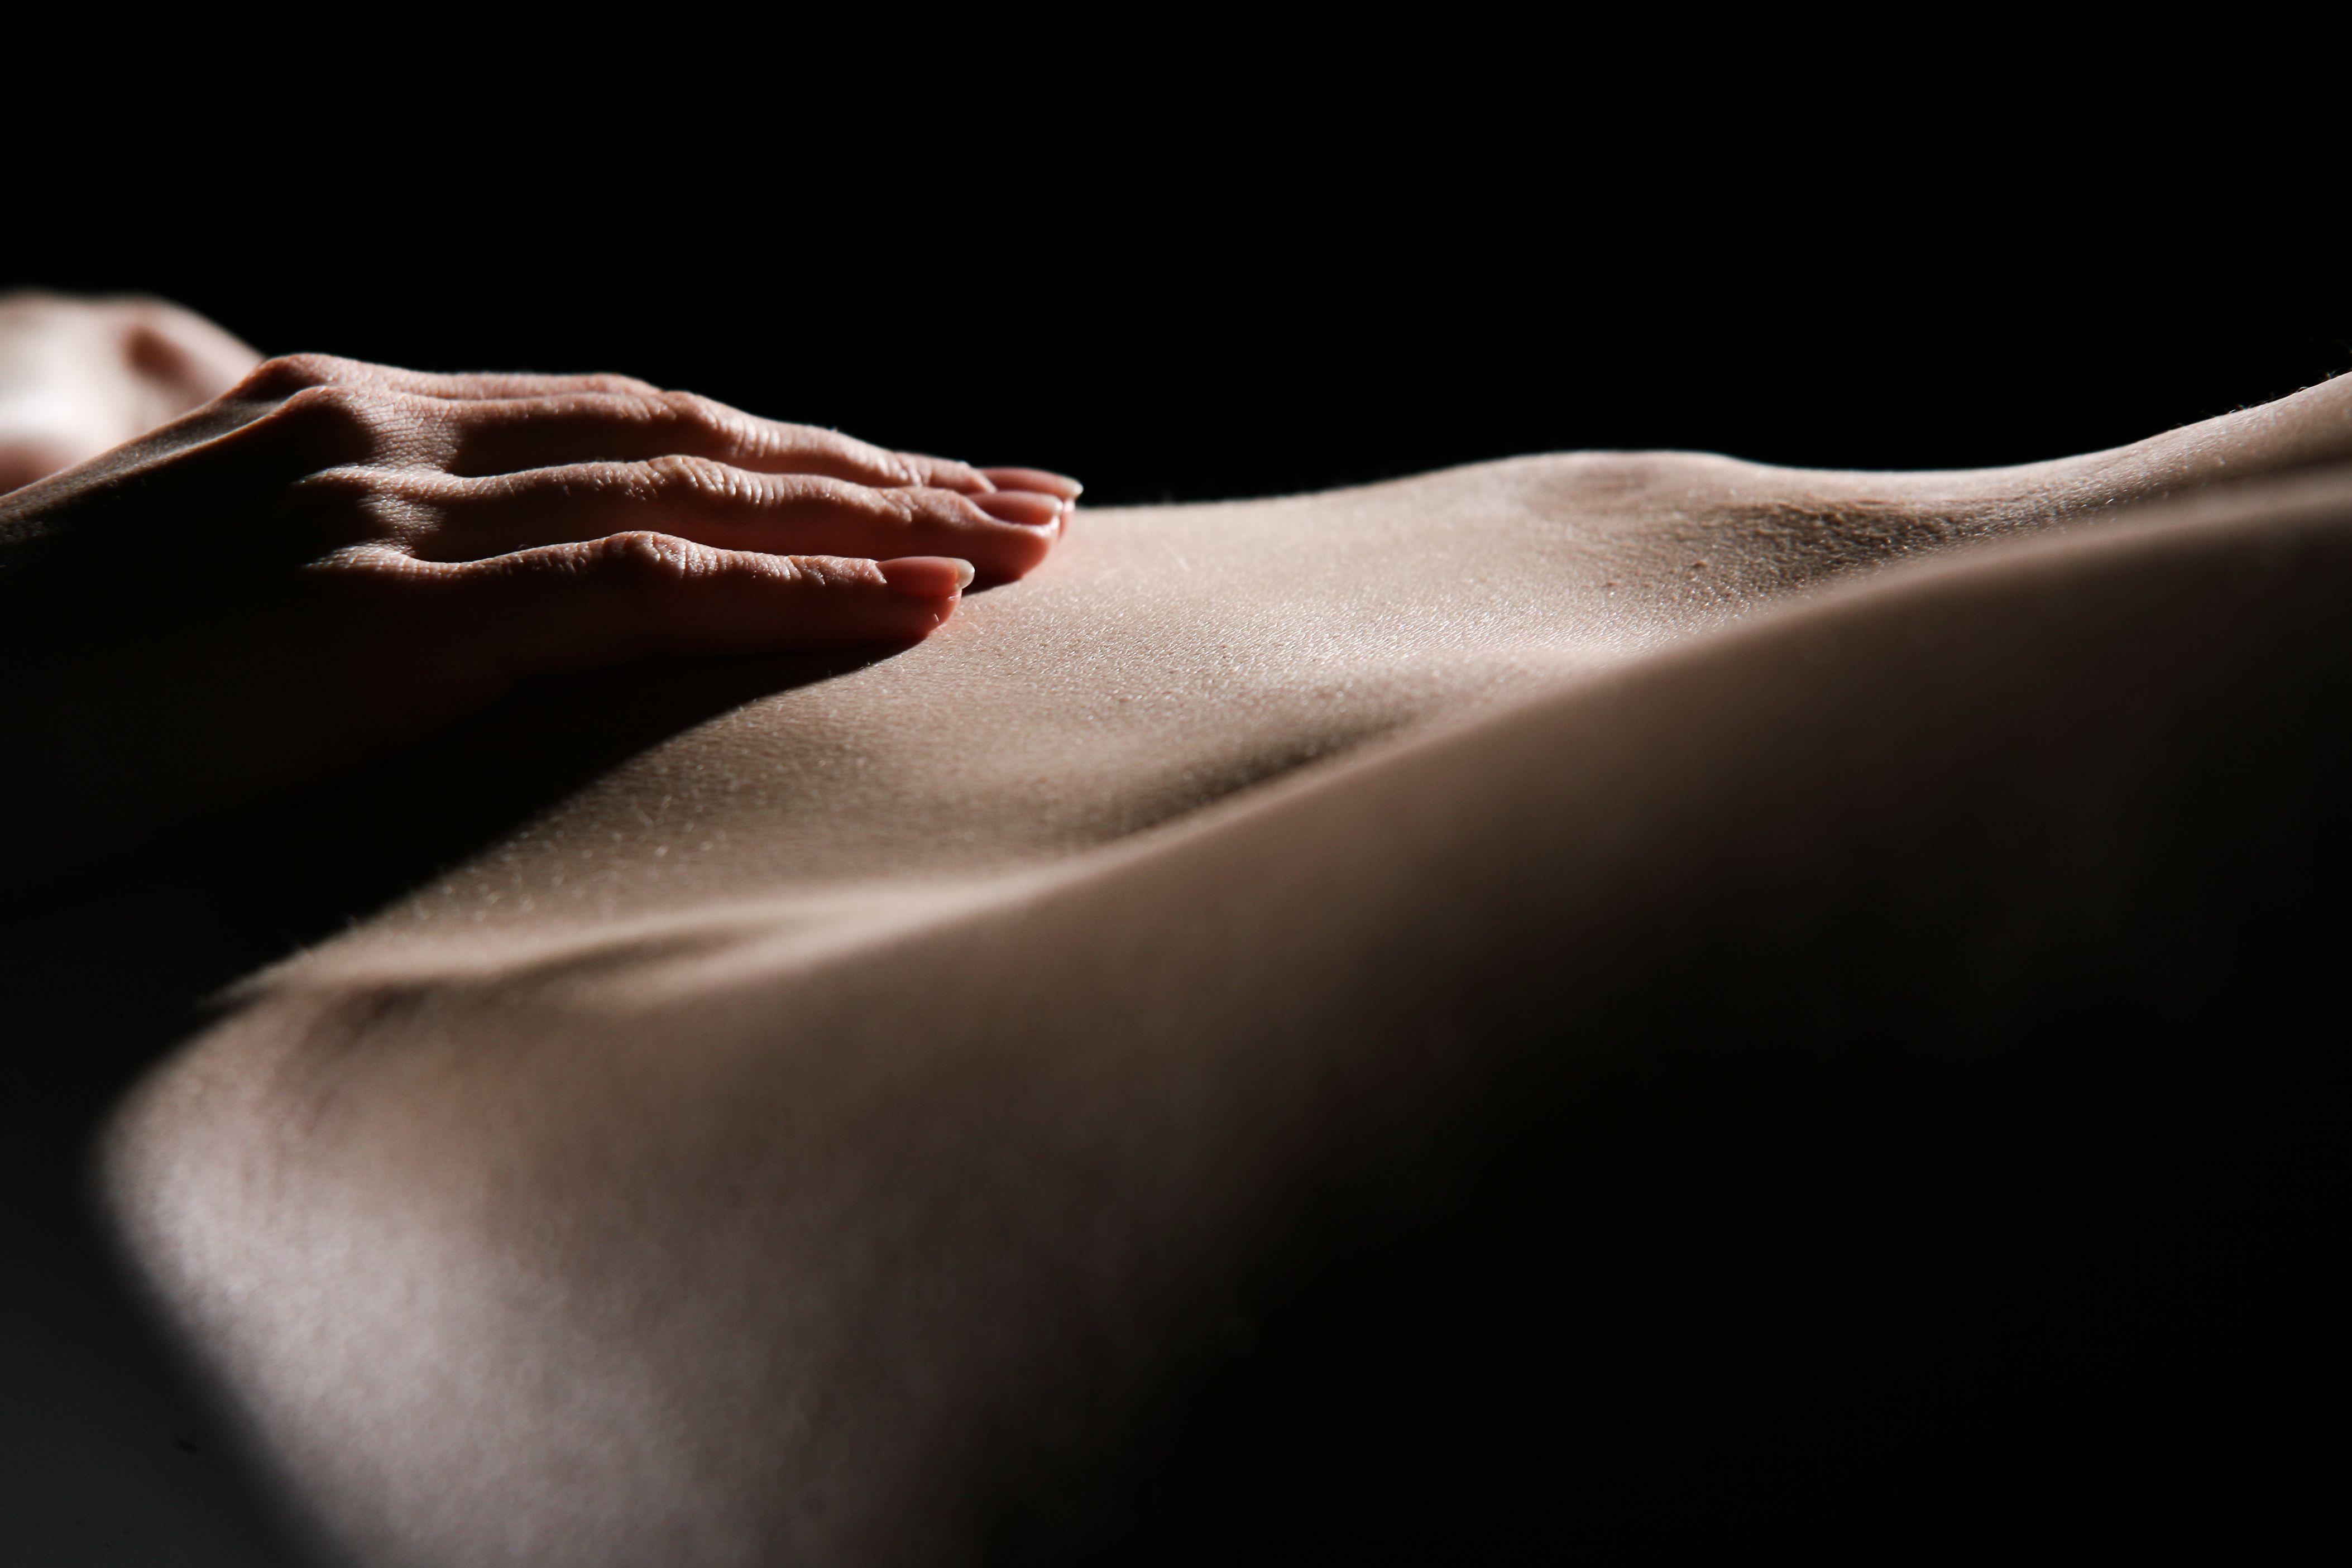 Yoni masaje erótico para mujeres: Masajes eróticos de CMV